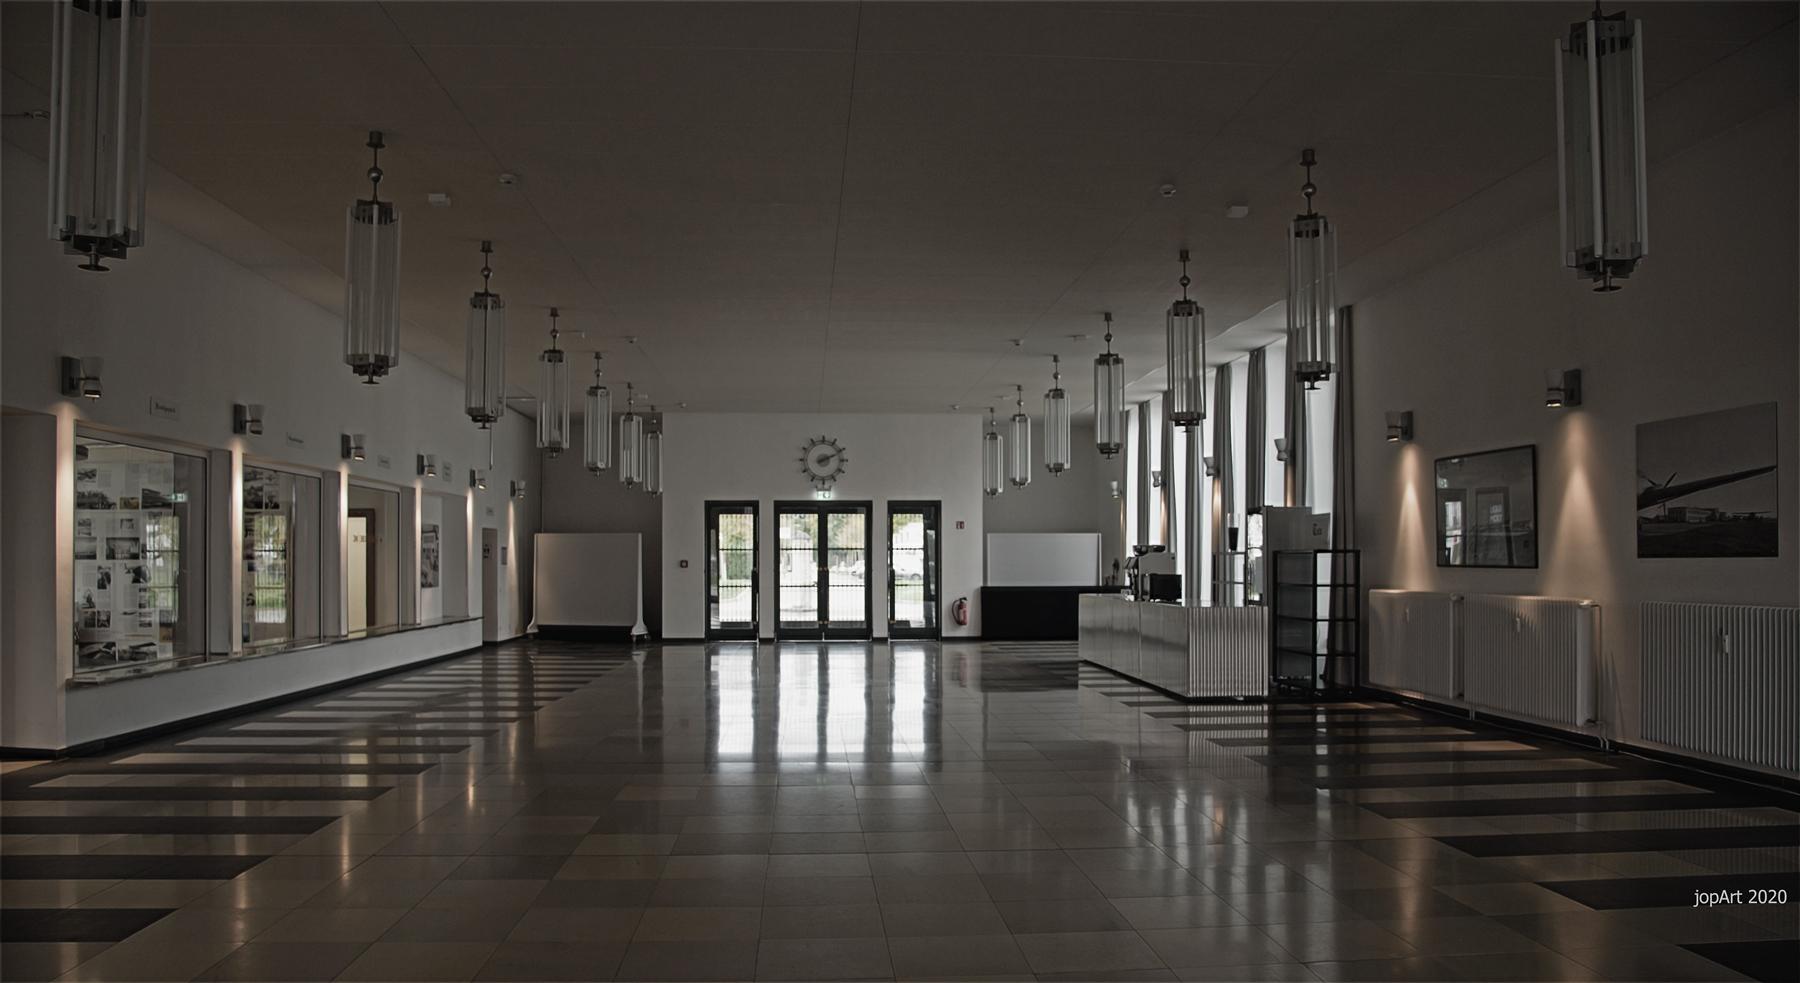 Empfangshalle Flughafen Butzweilerhof...